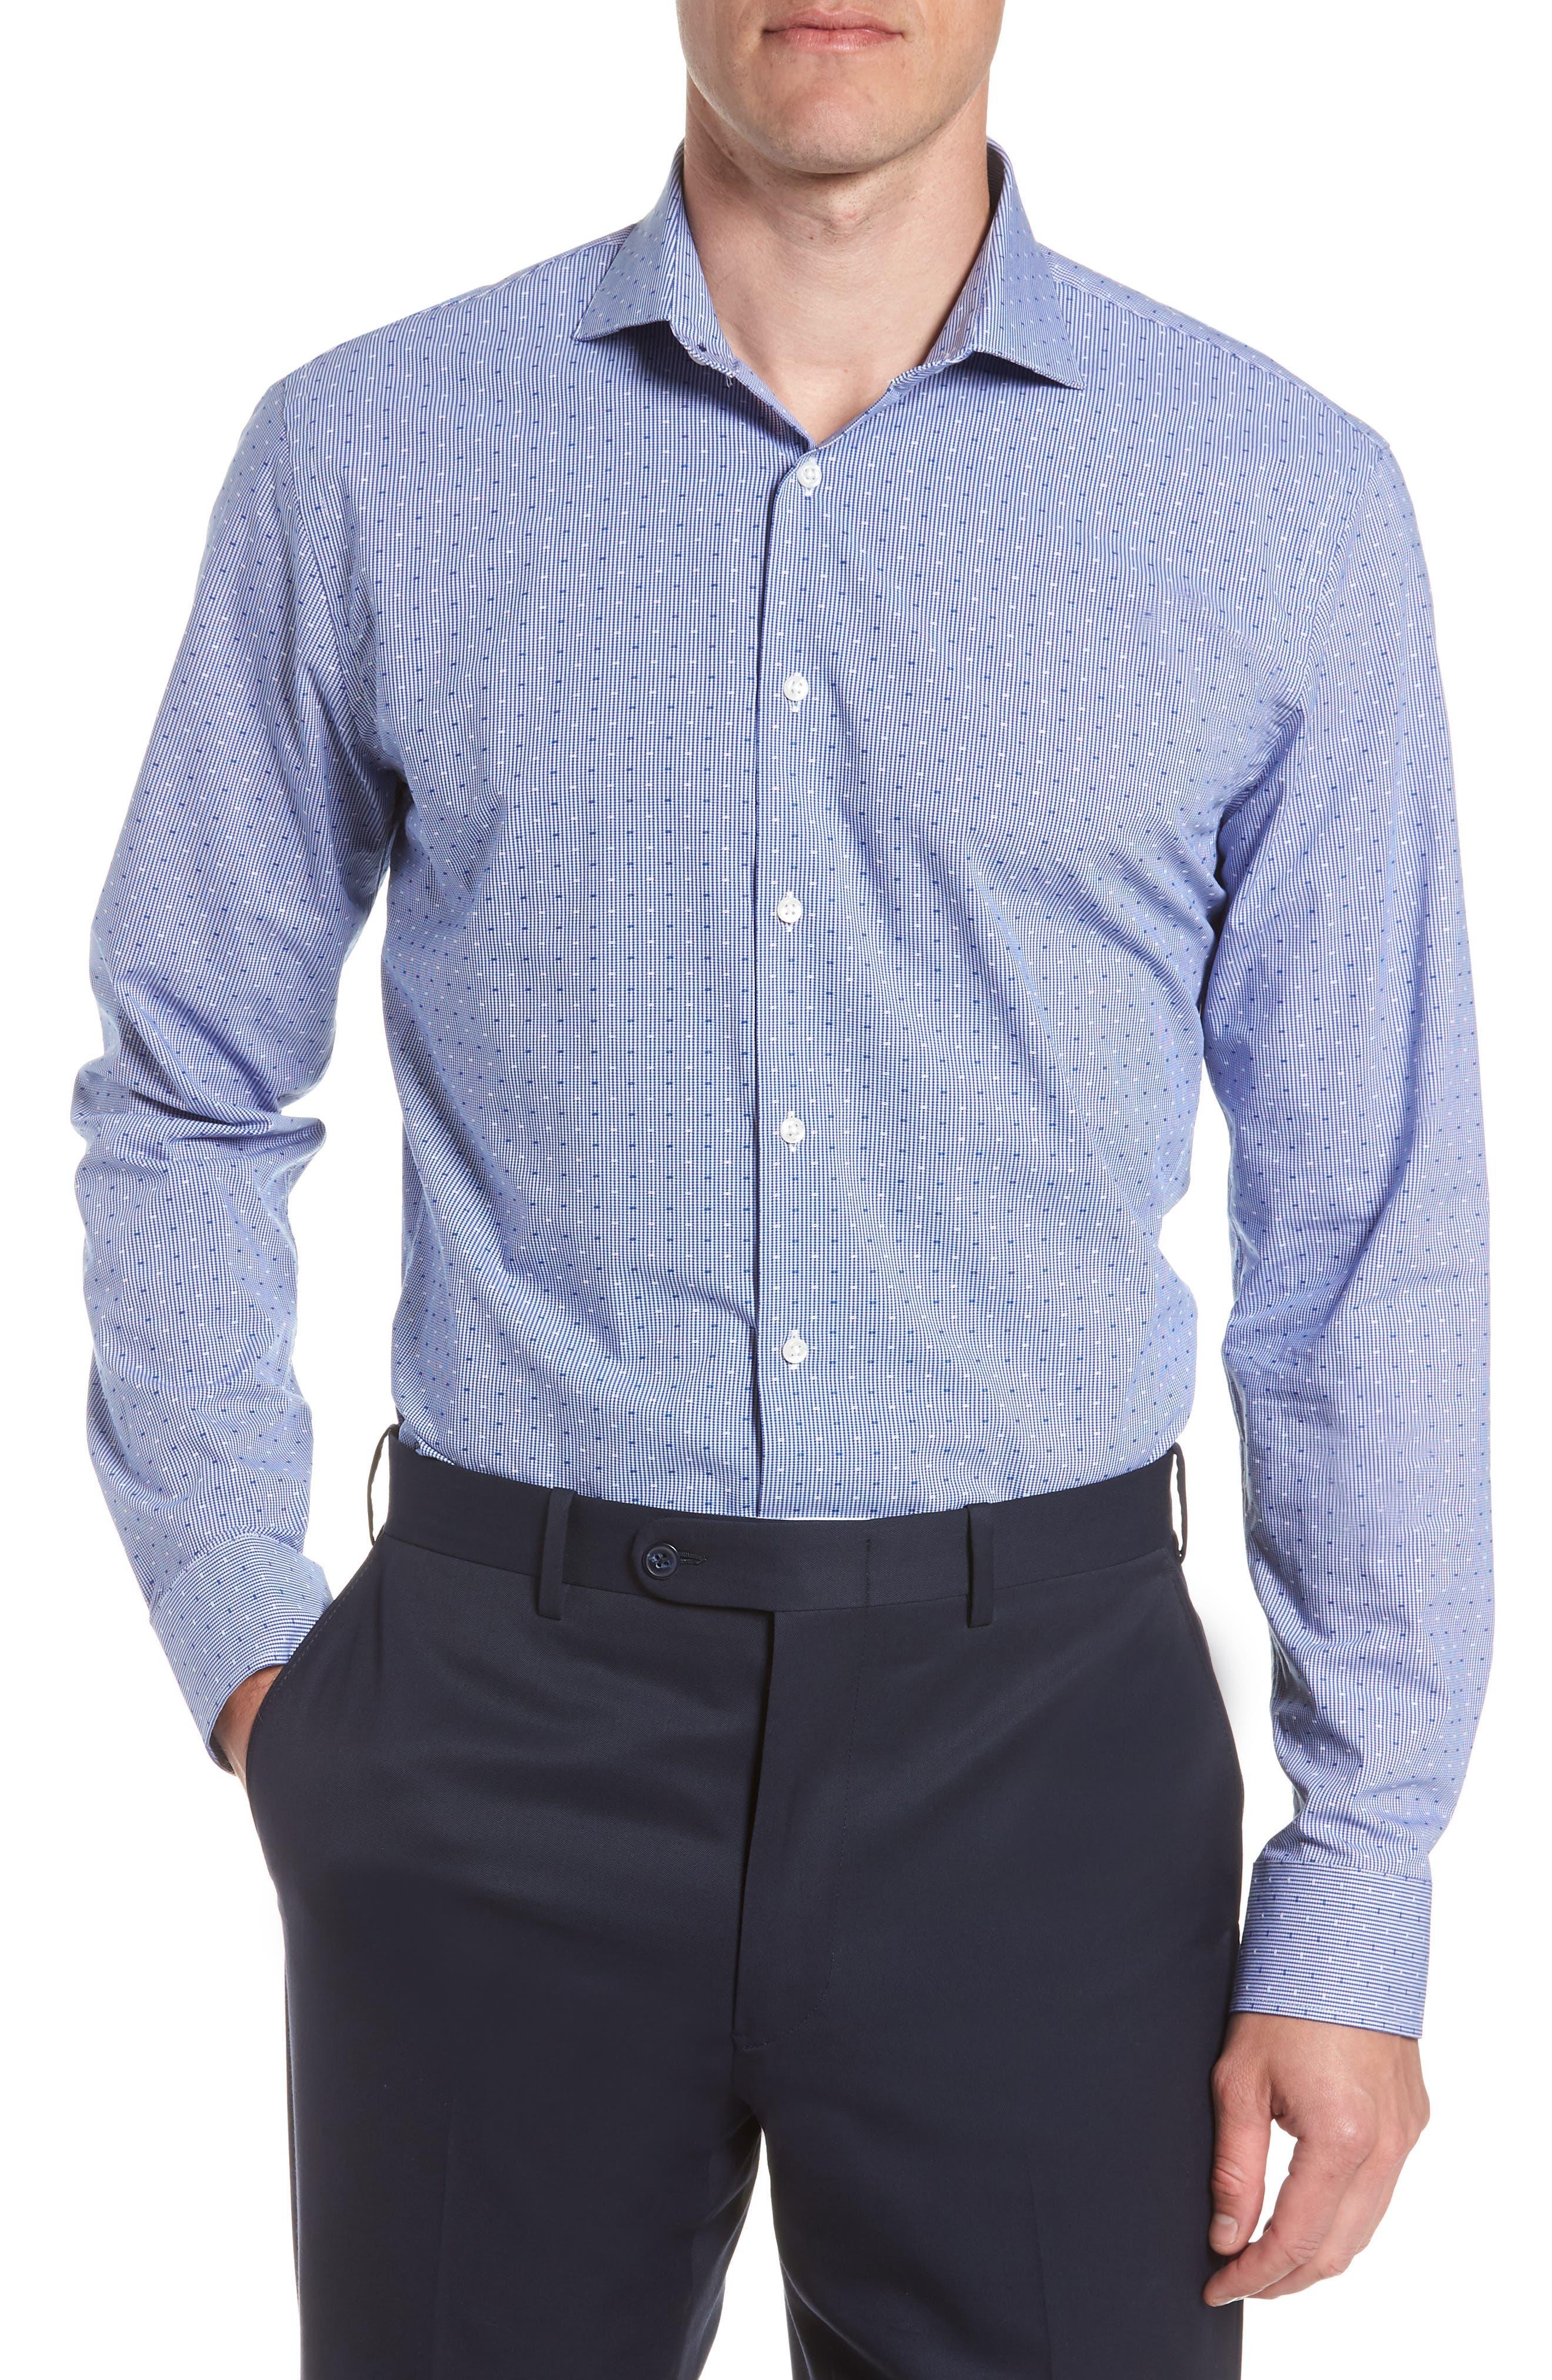 Tech-Smart Trim Fit Check Dress Shirt,                         Main,                         color,